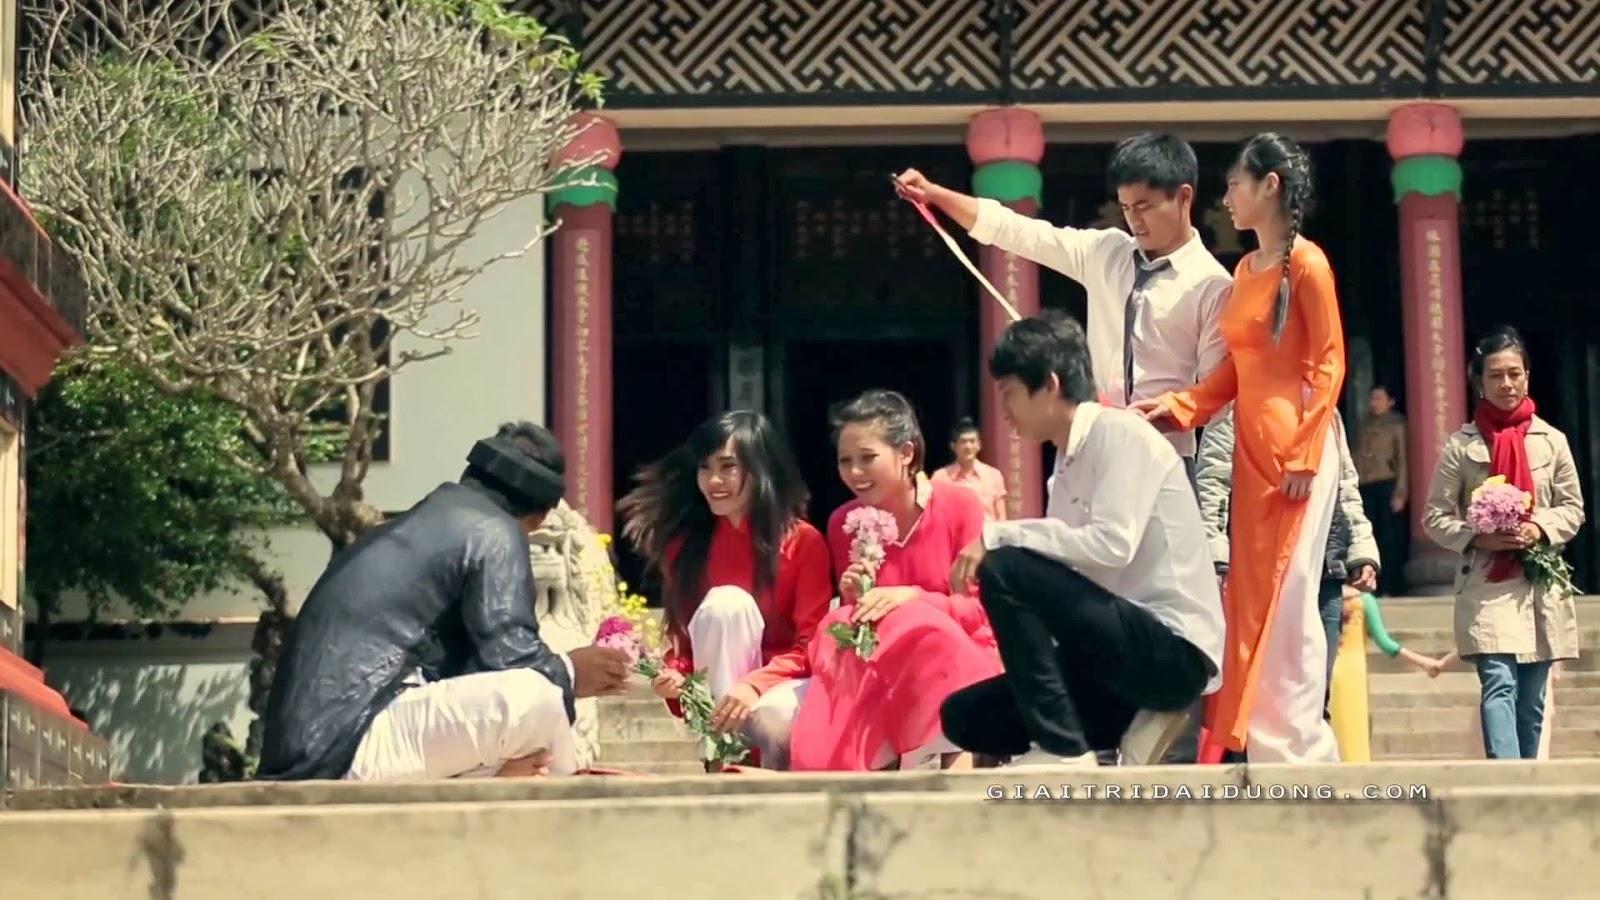 lunar new year in viet nam essay